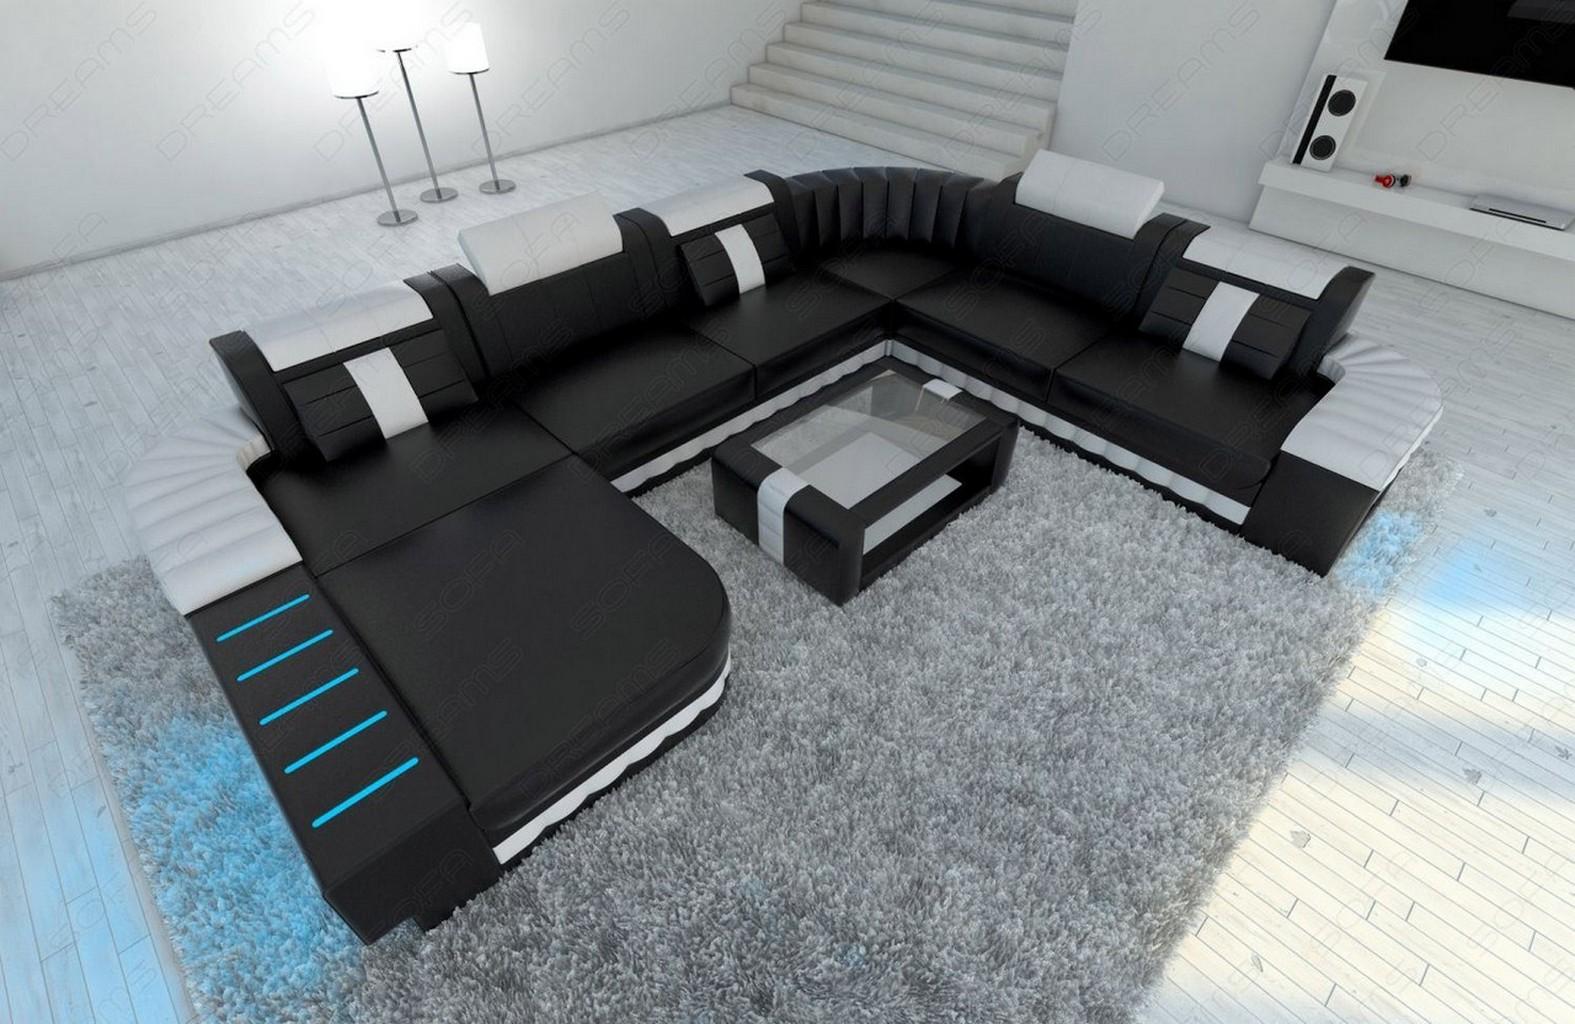 Bezaubernd Xxl Couch Referenz Von Article Description